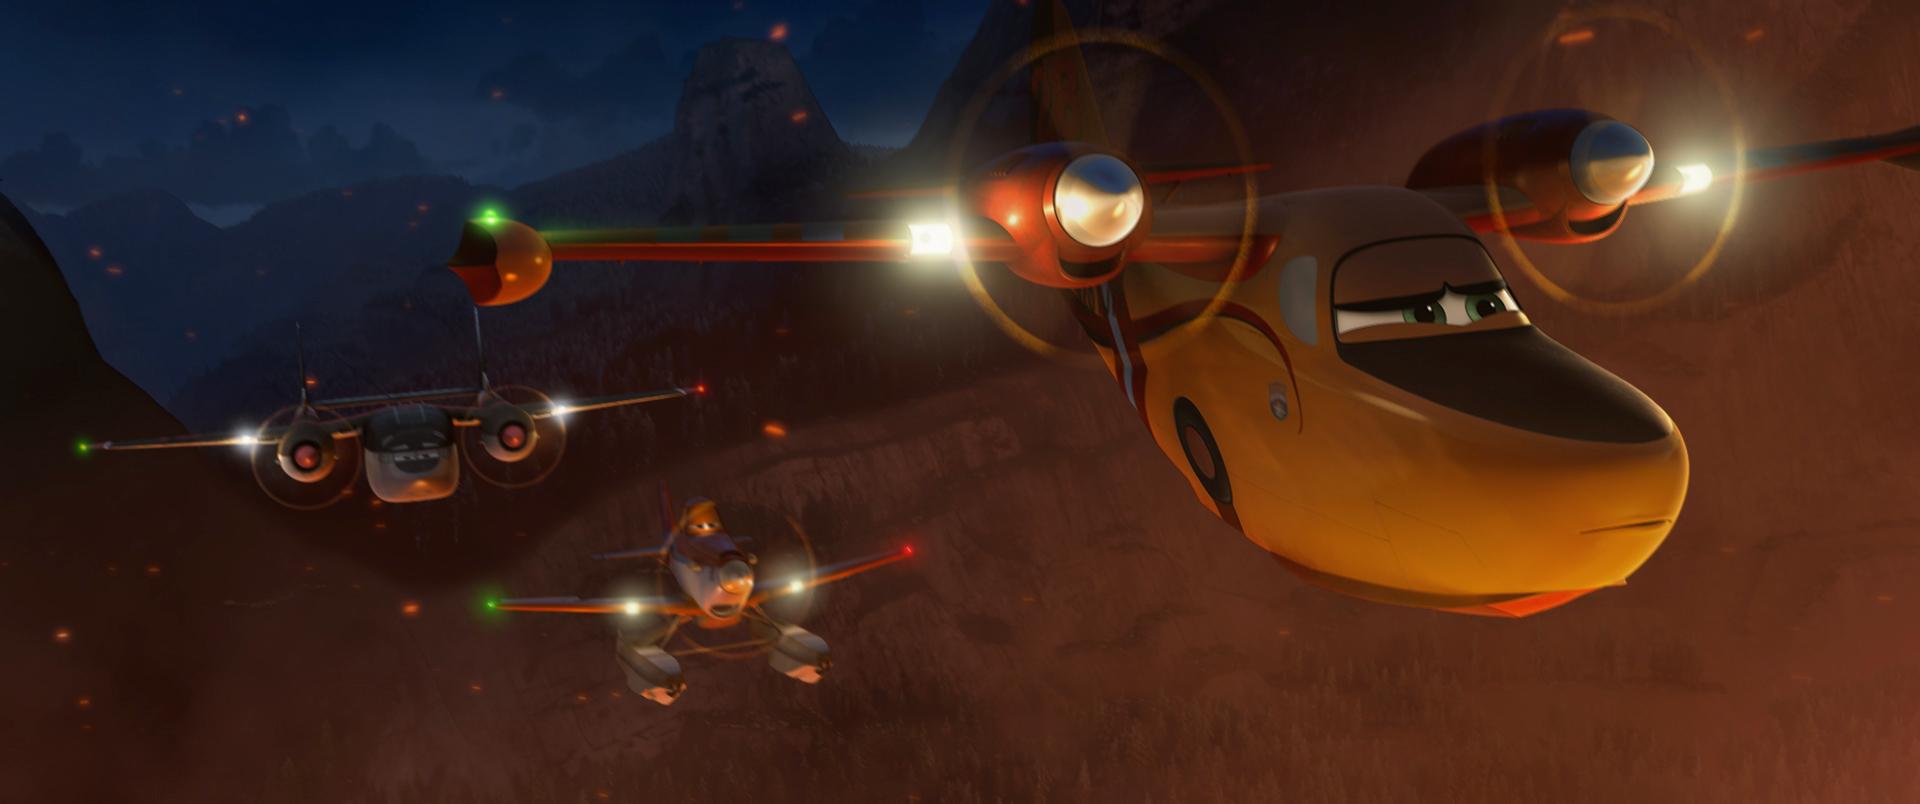 Planes 2 - Missione Antincendio: una scena